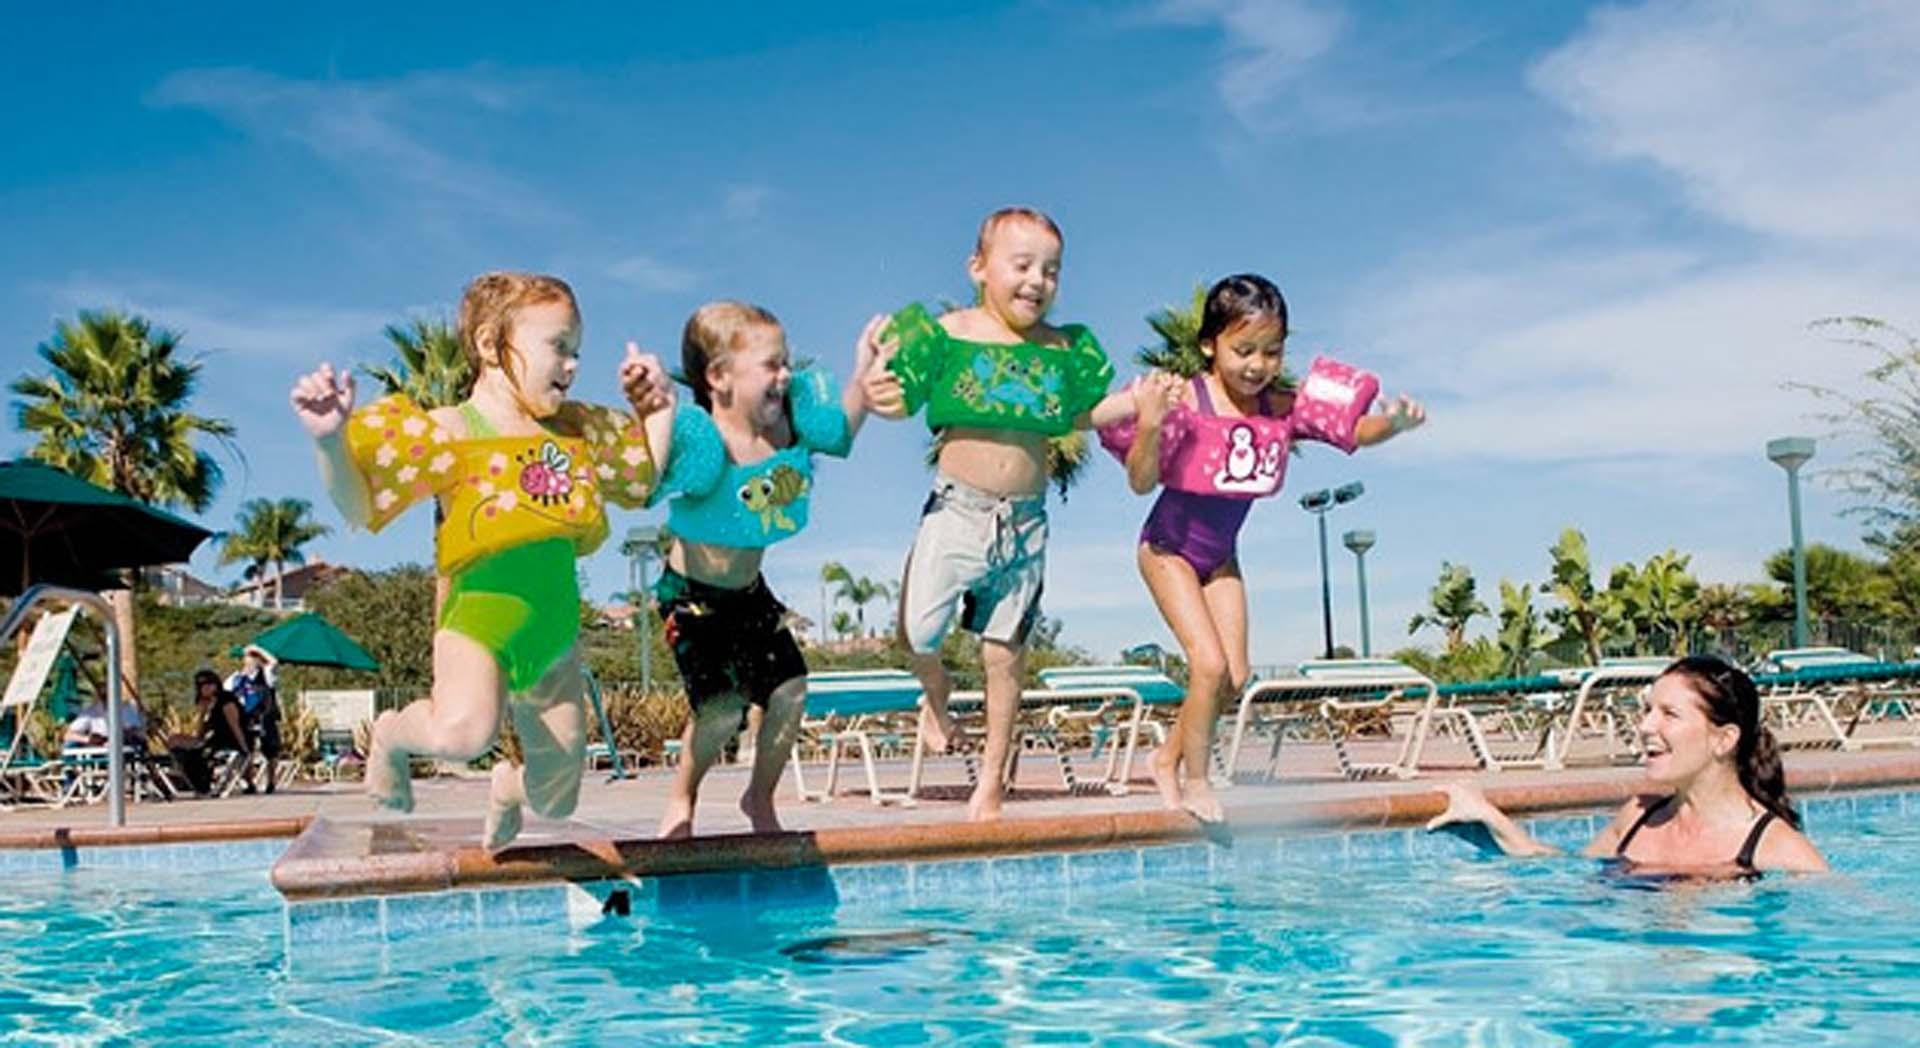 Los menores, siempre deben tener flotadores en sus brazos, pecho o cintura